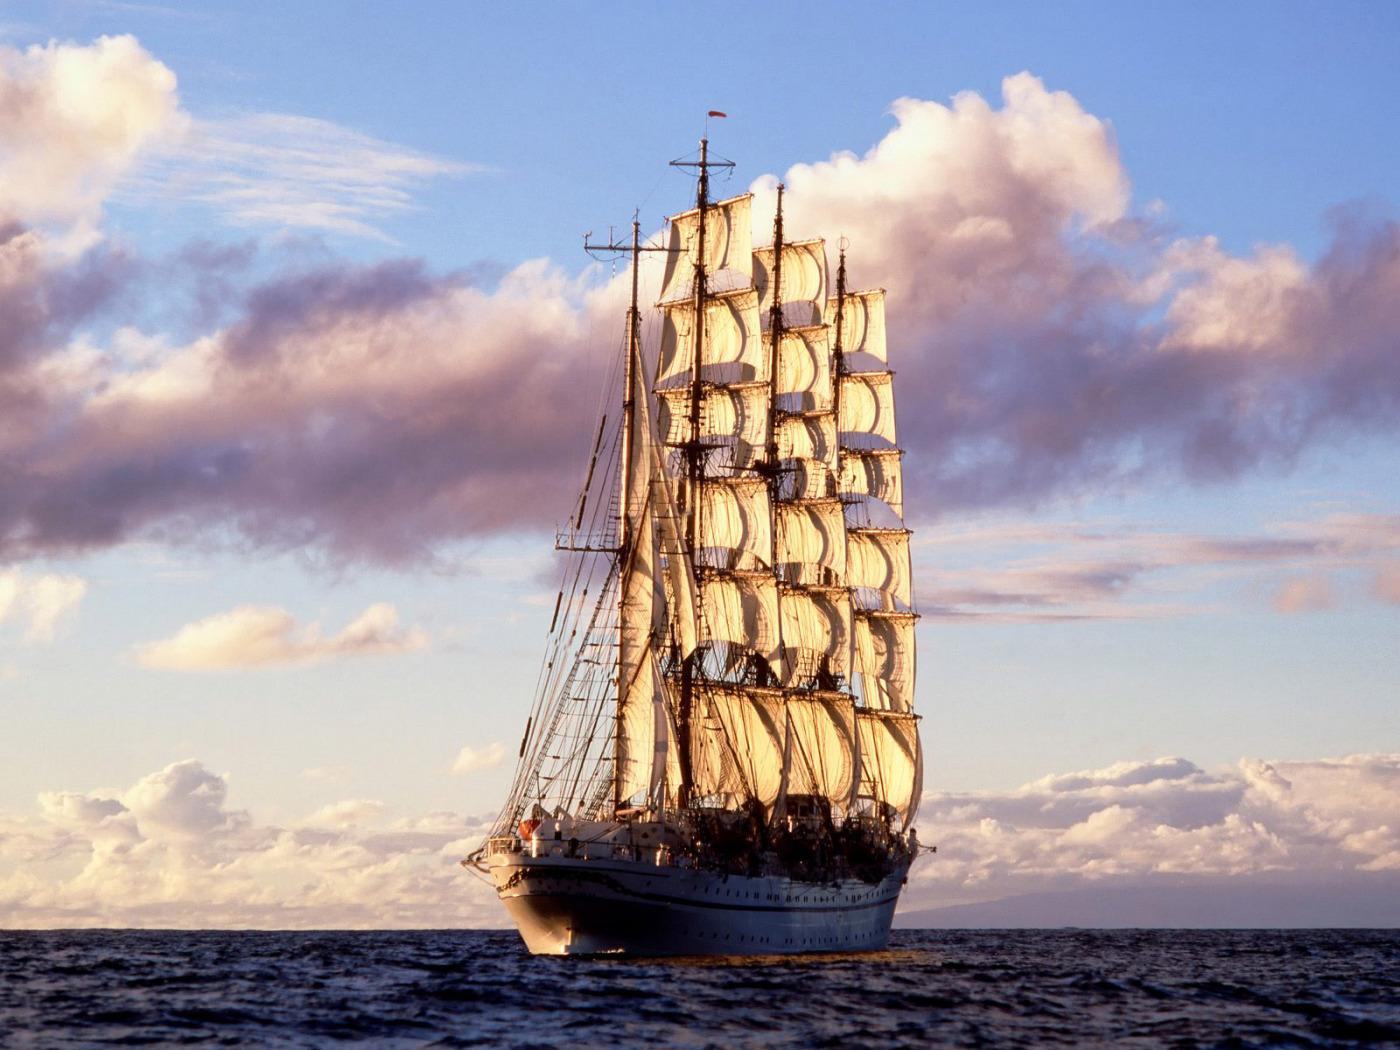 Картинки парусные корабли в море, корпоративная открытка картинки